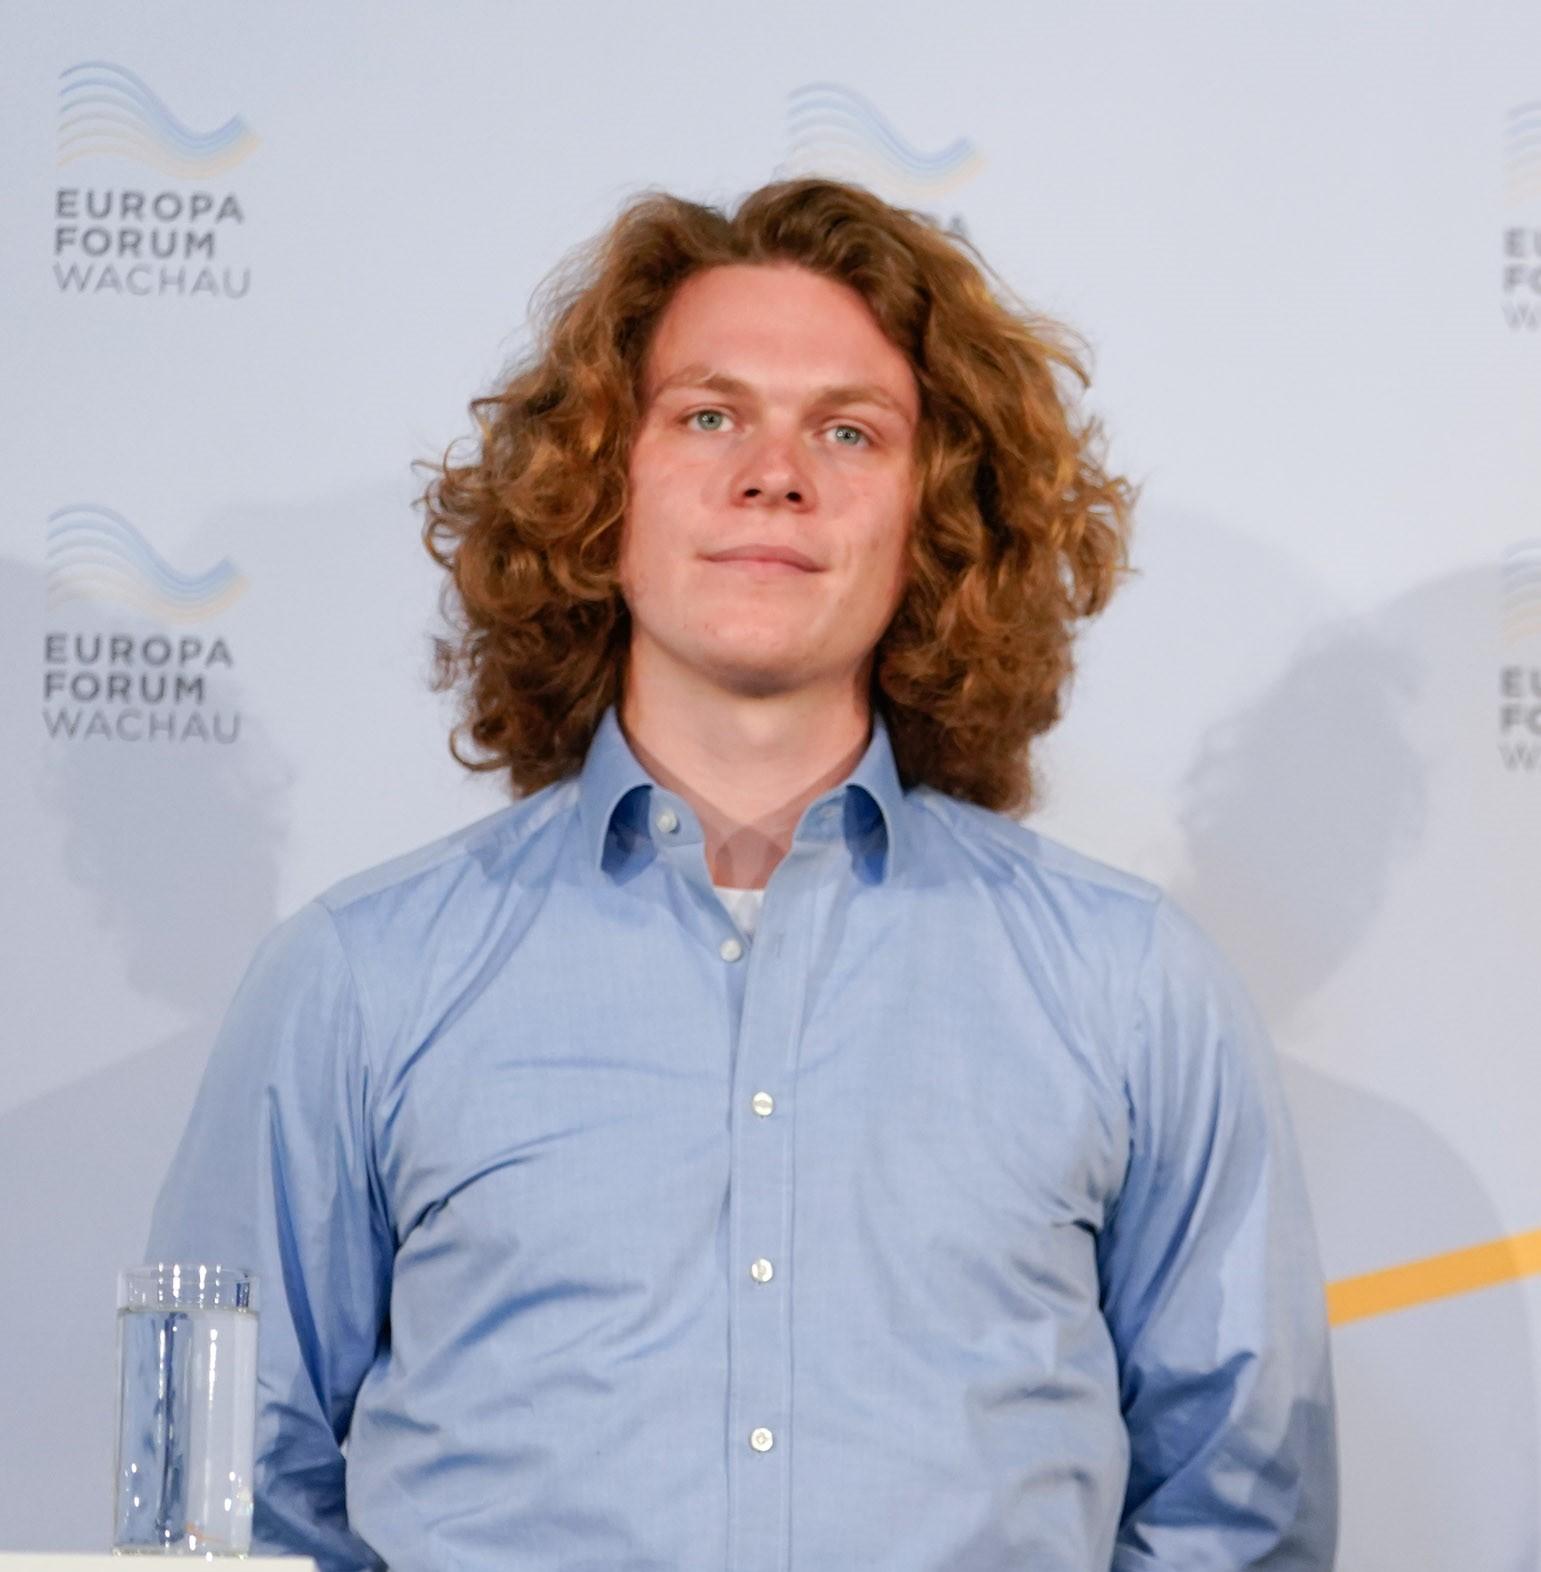 Tim Noetzel